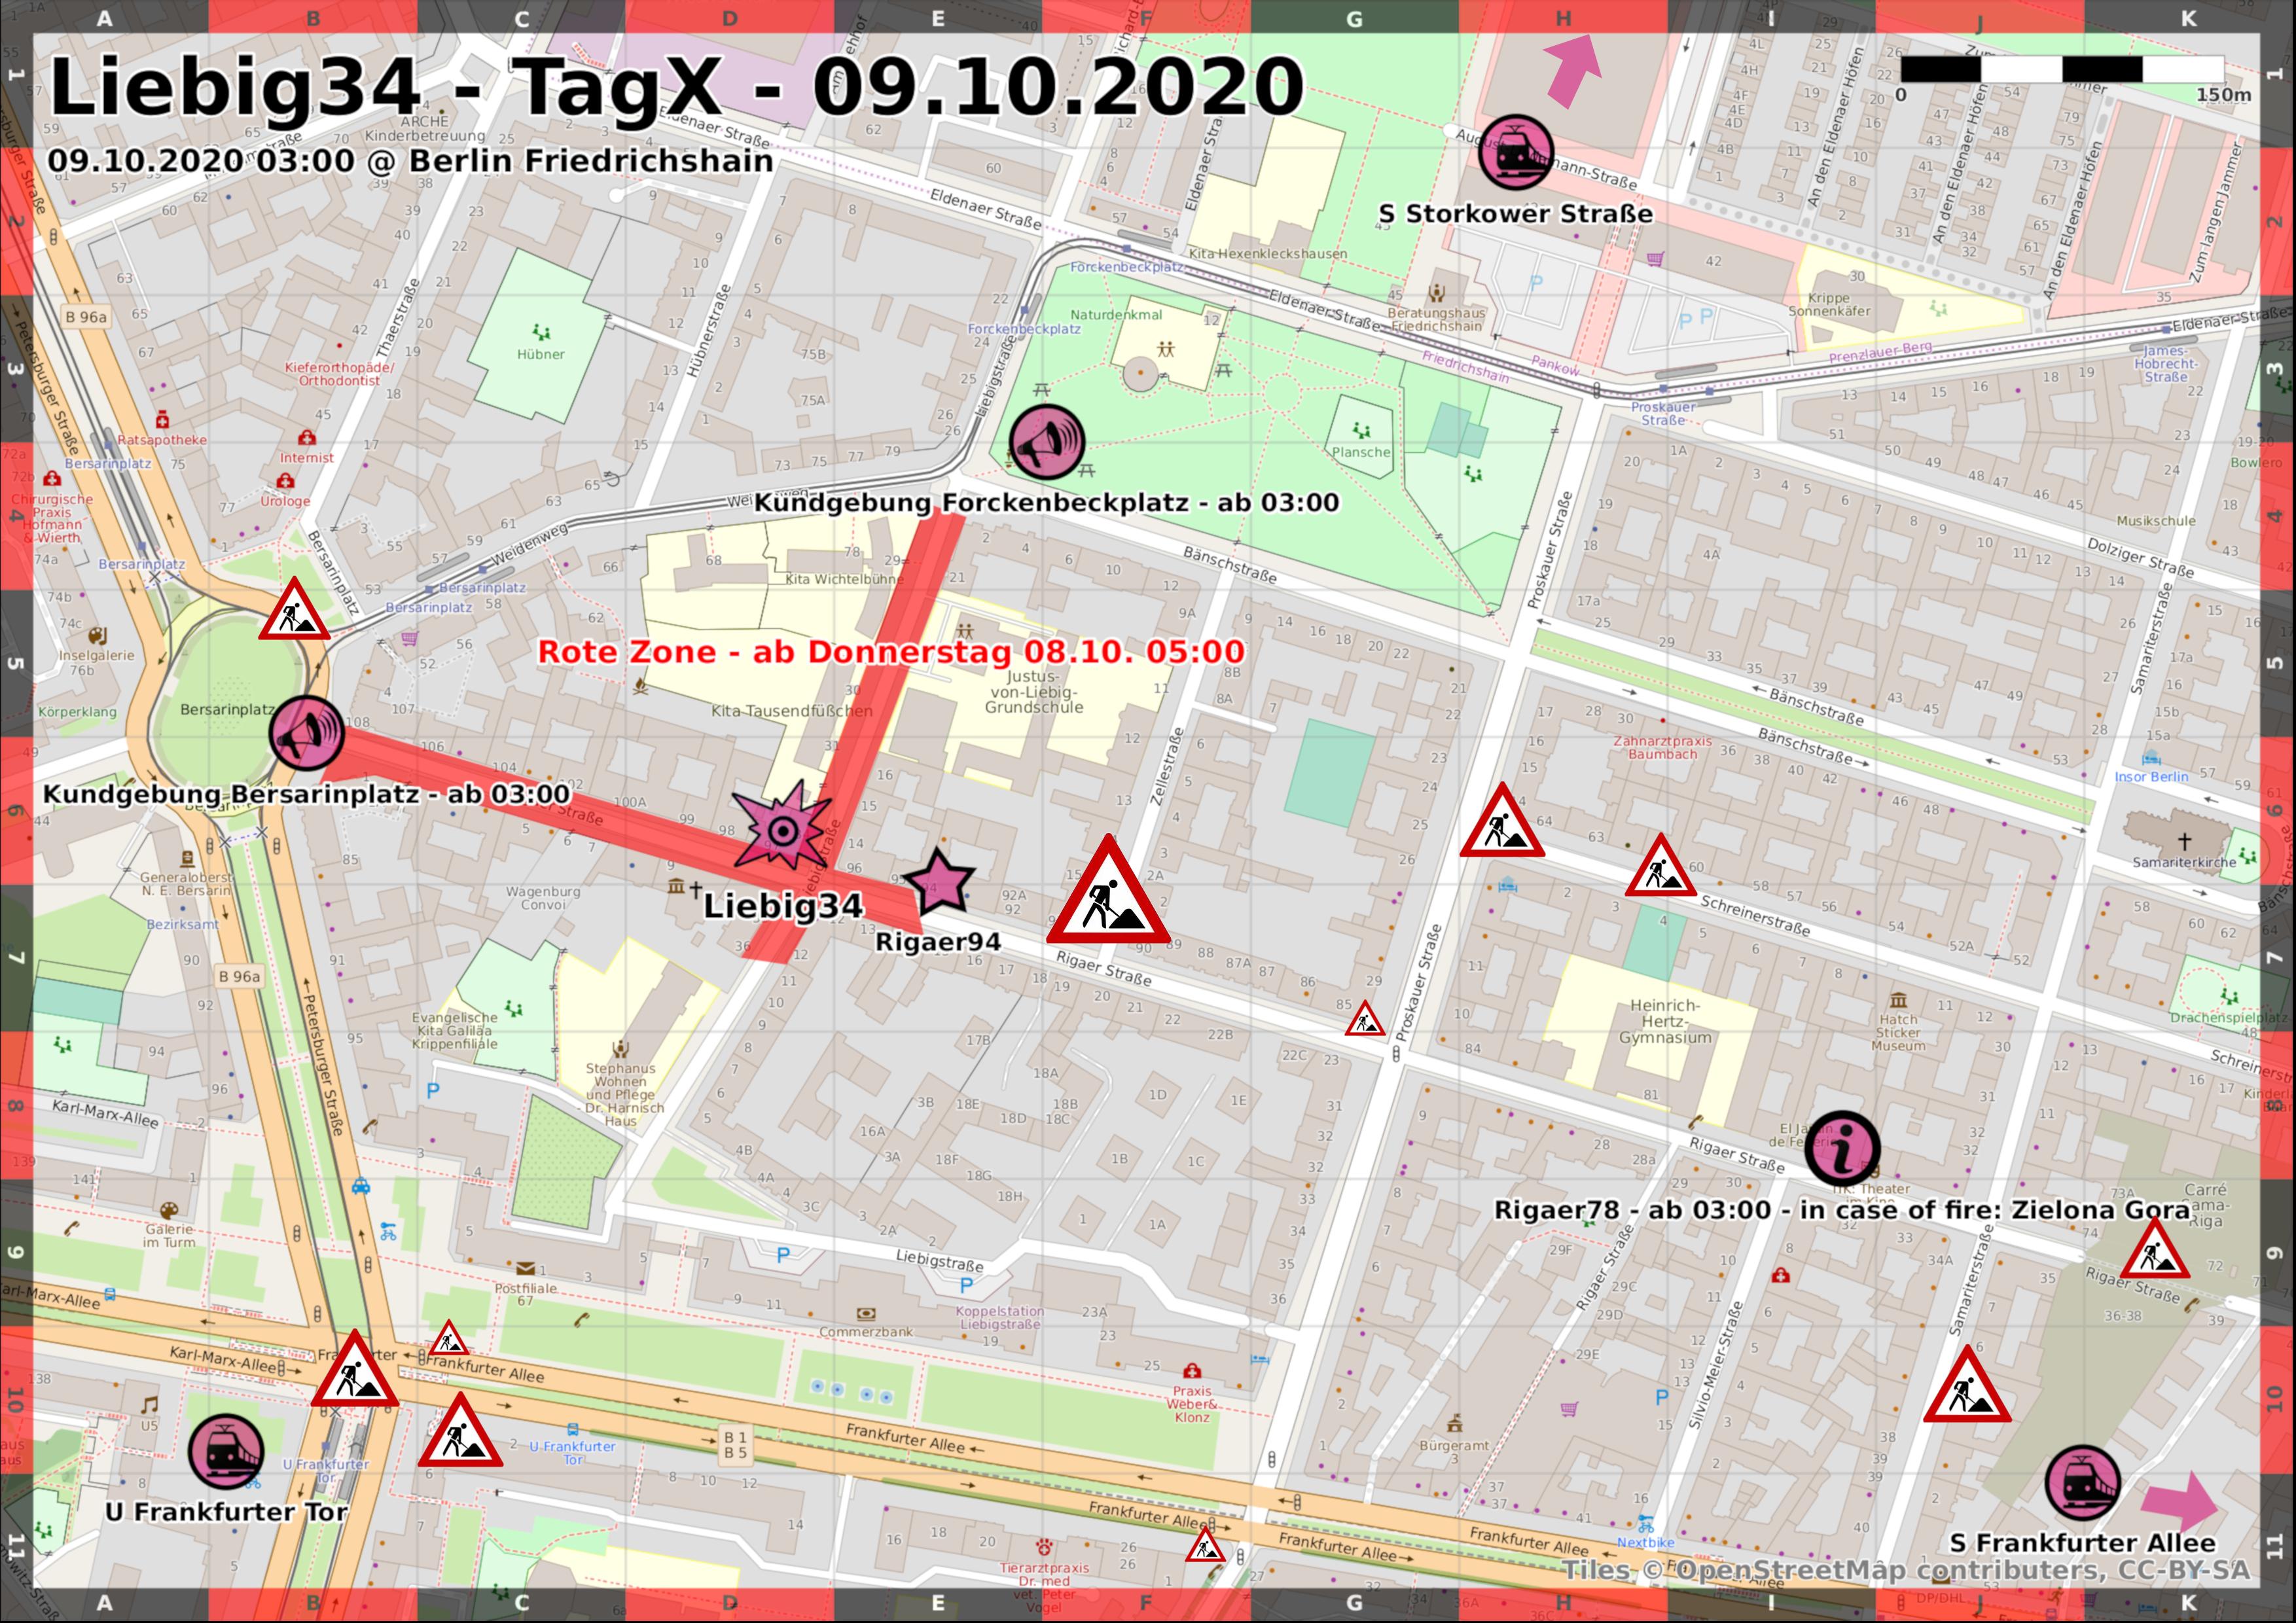 Aktionskarte Liebig34 Tag X